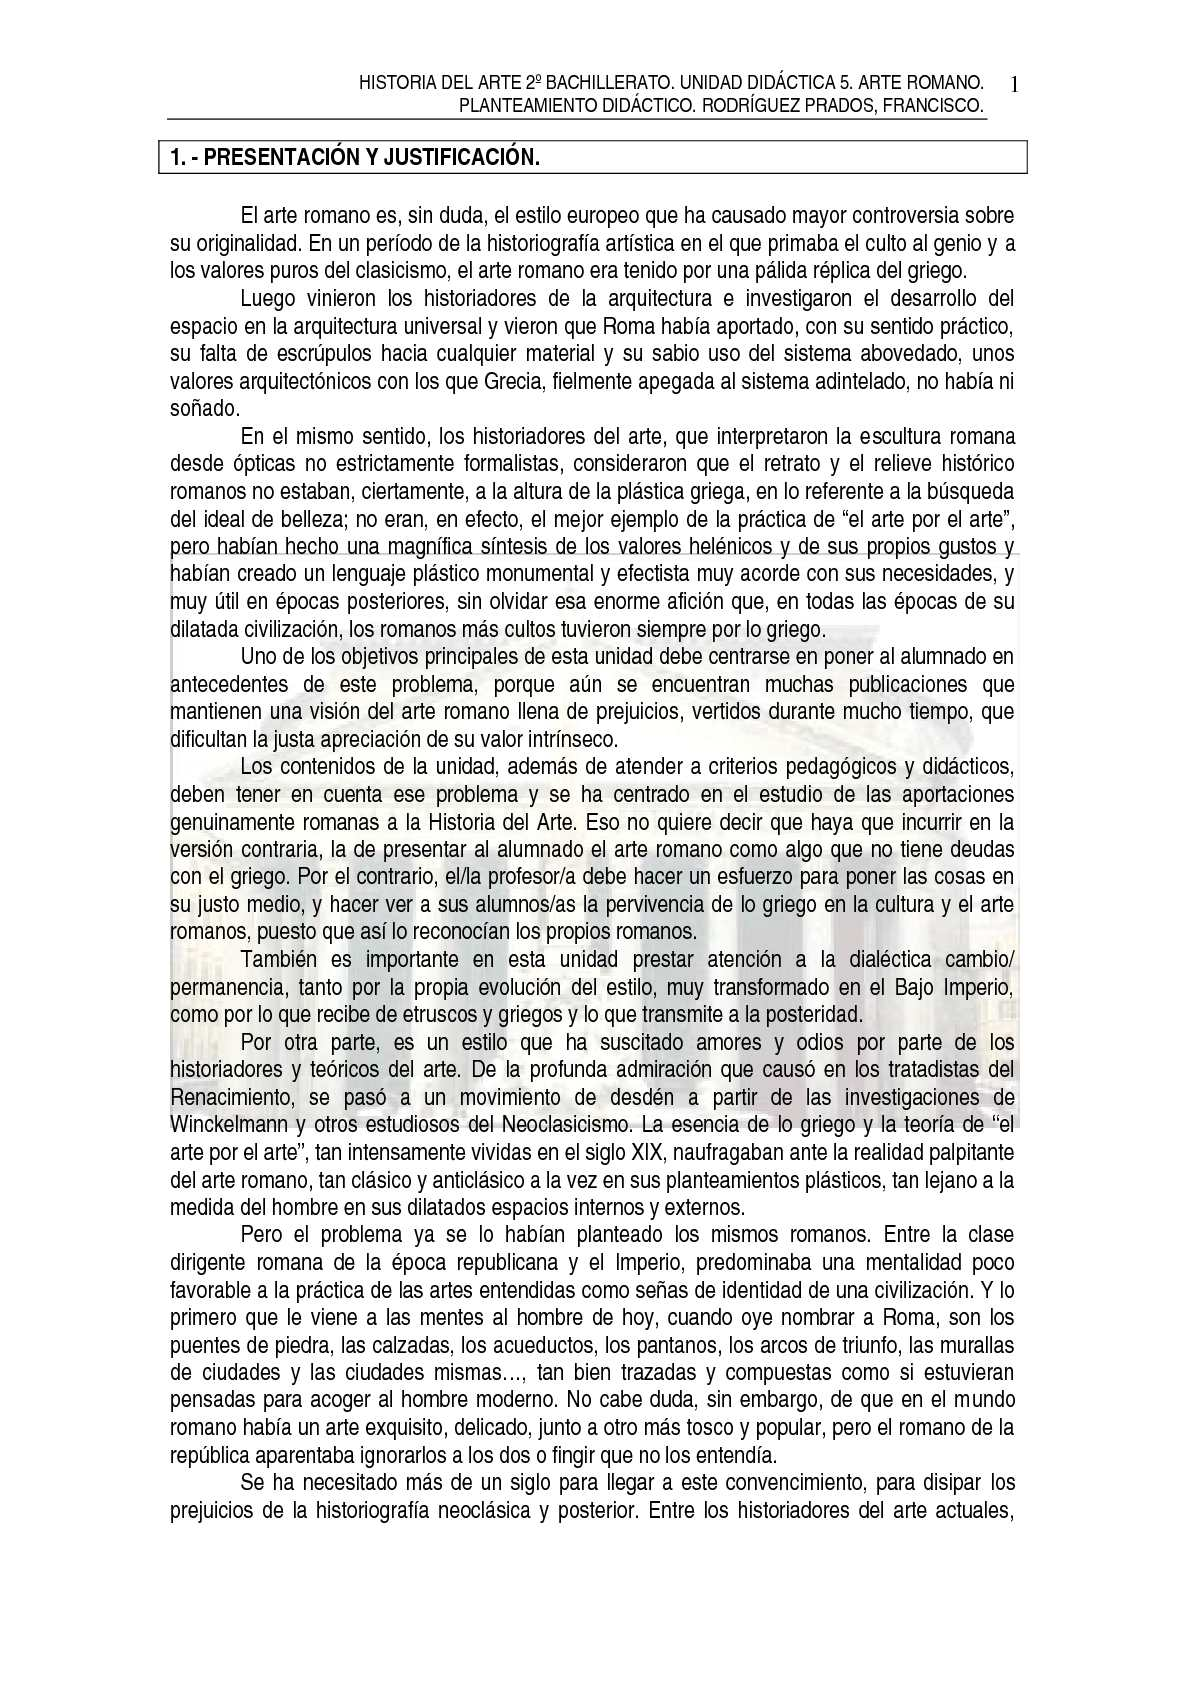 TEMA 5. ARTE ROMANO. COMPLETO